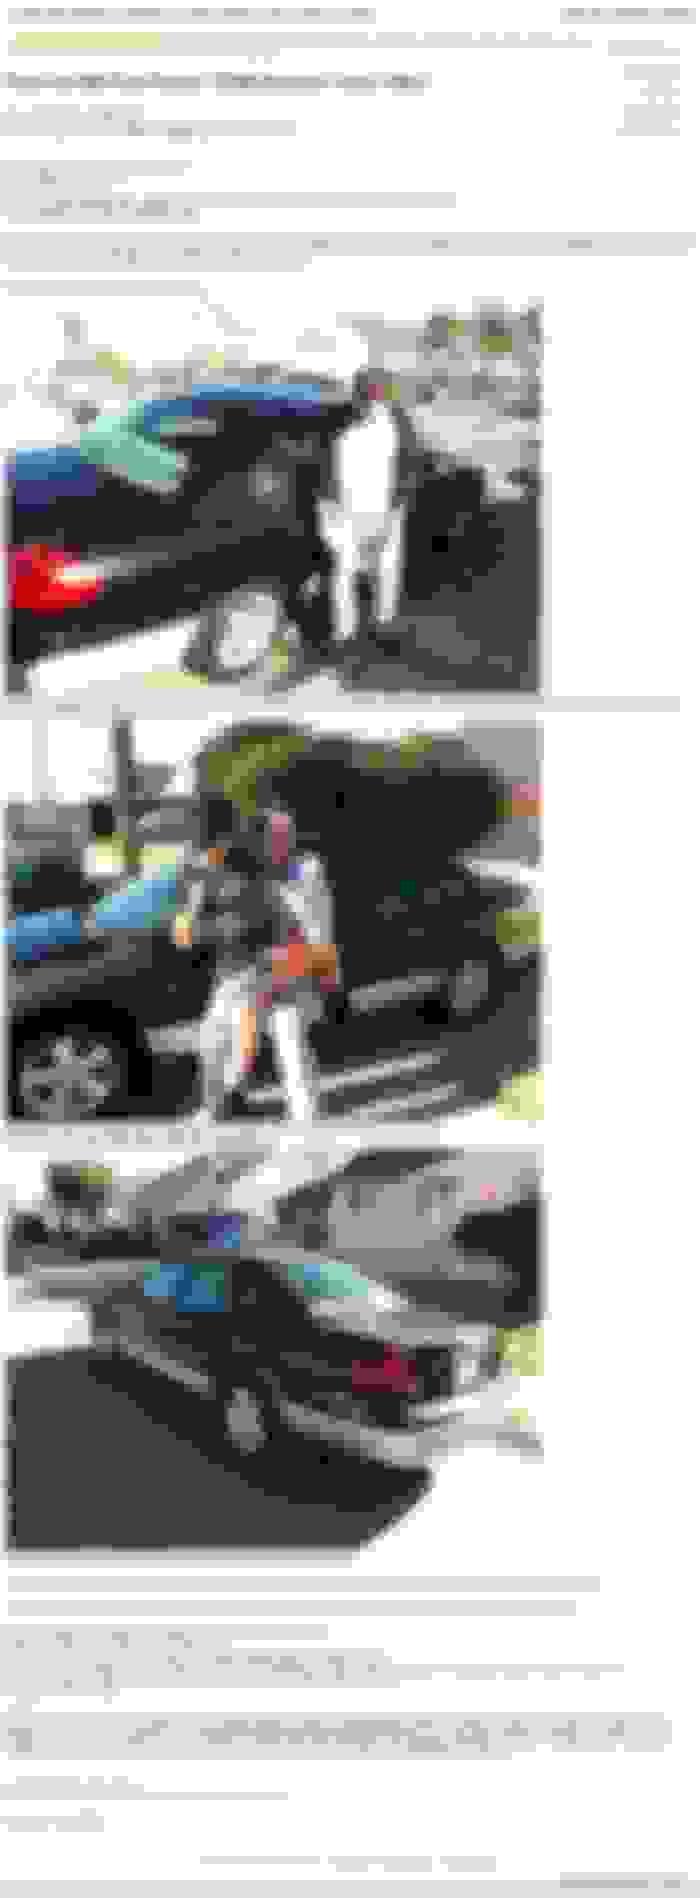 Craigslist Unique Finds Thread (pls scrape) - Page 98